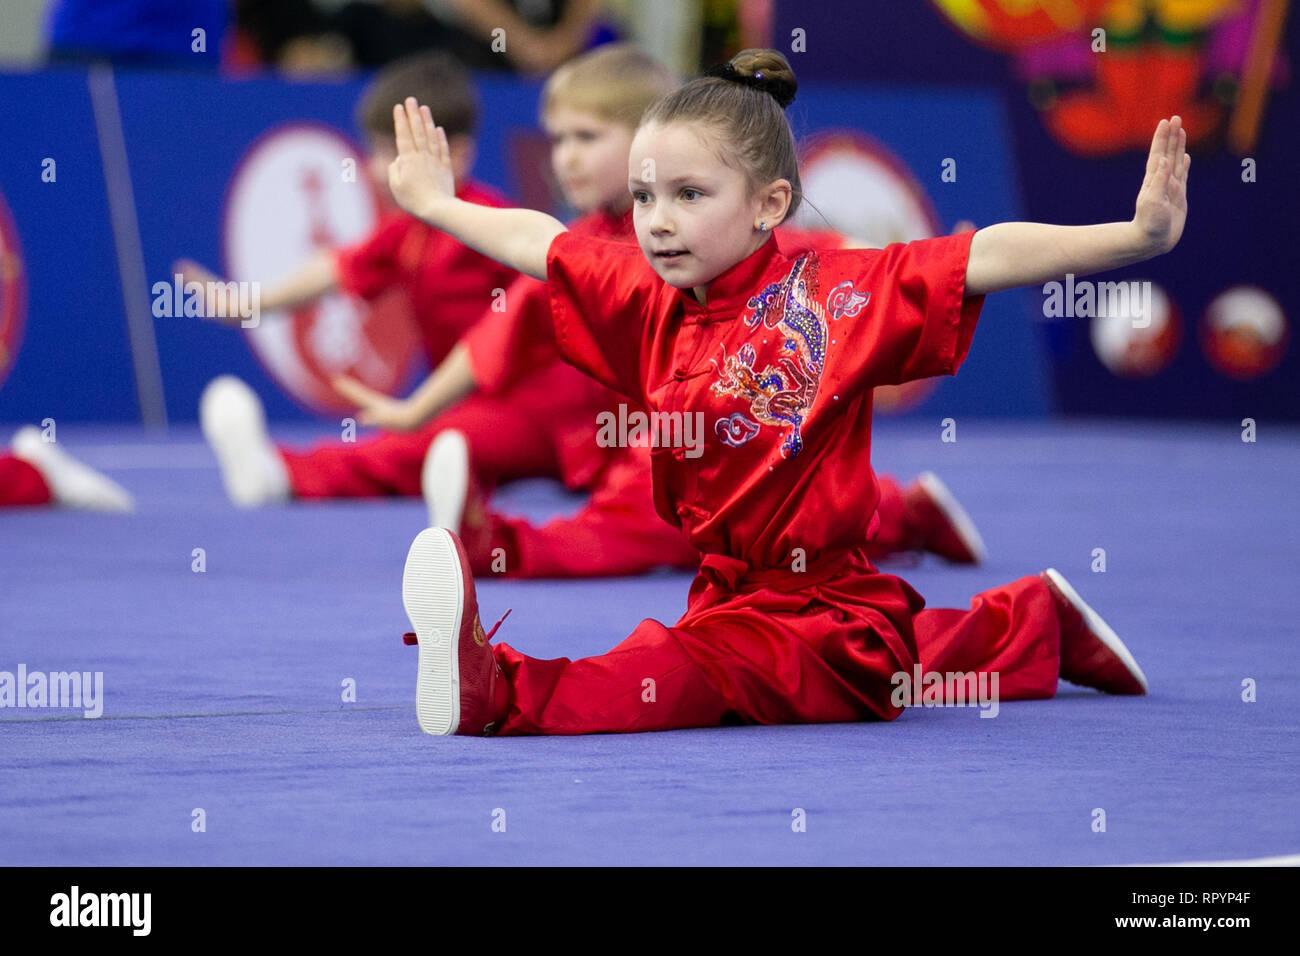 Moskau, Russland. 23 Feb, 2019. Wettbewerber während der Eröffnungsfeier für die Moskauer Wushu Sterne 2019 Wettbewerb in Moskau, Russland, Jan. 23, 2019. Credit: Bai Xueqi/Xinhua/Alamy leben Nachrichten Stockfoto